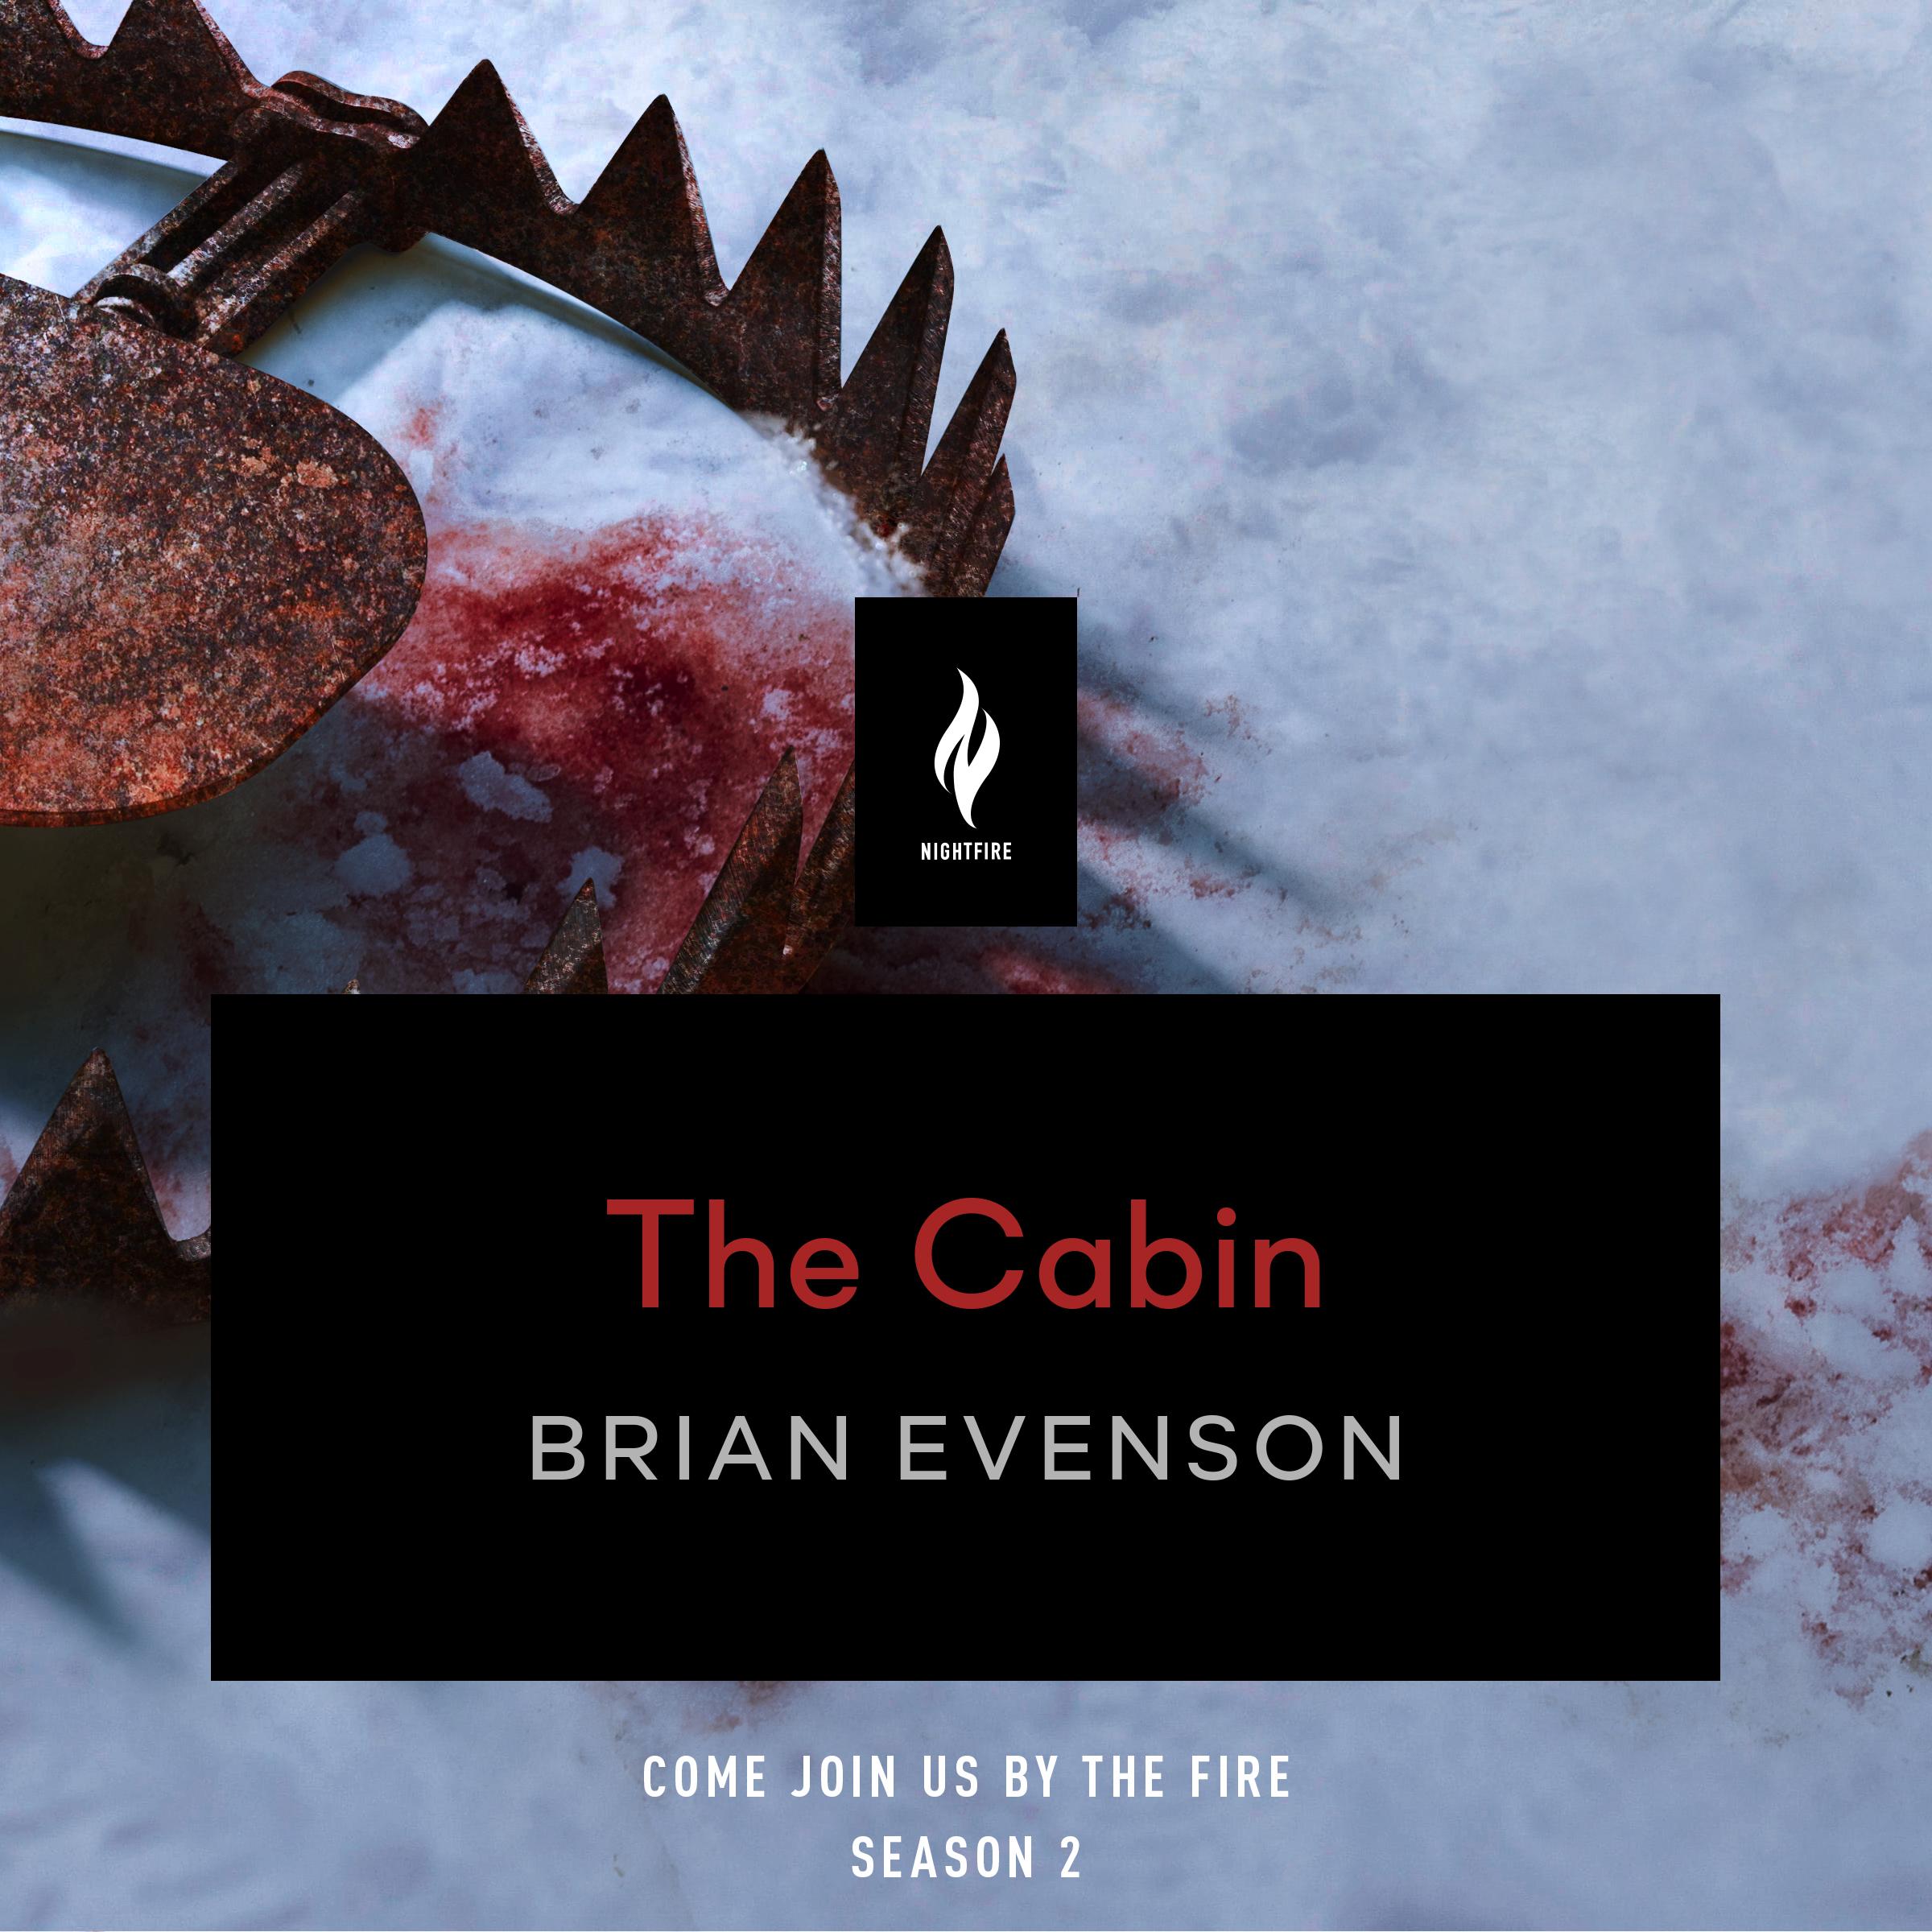 TheCabin_Evenson